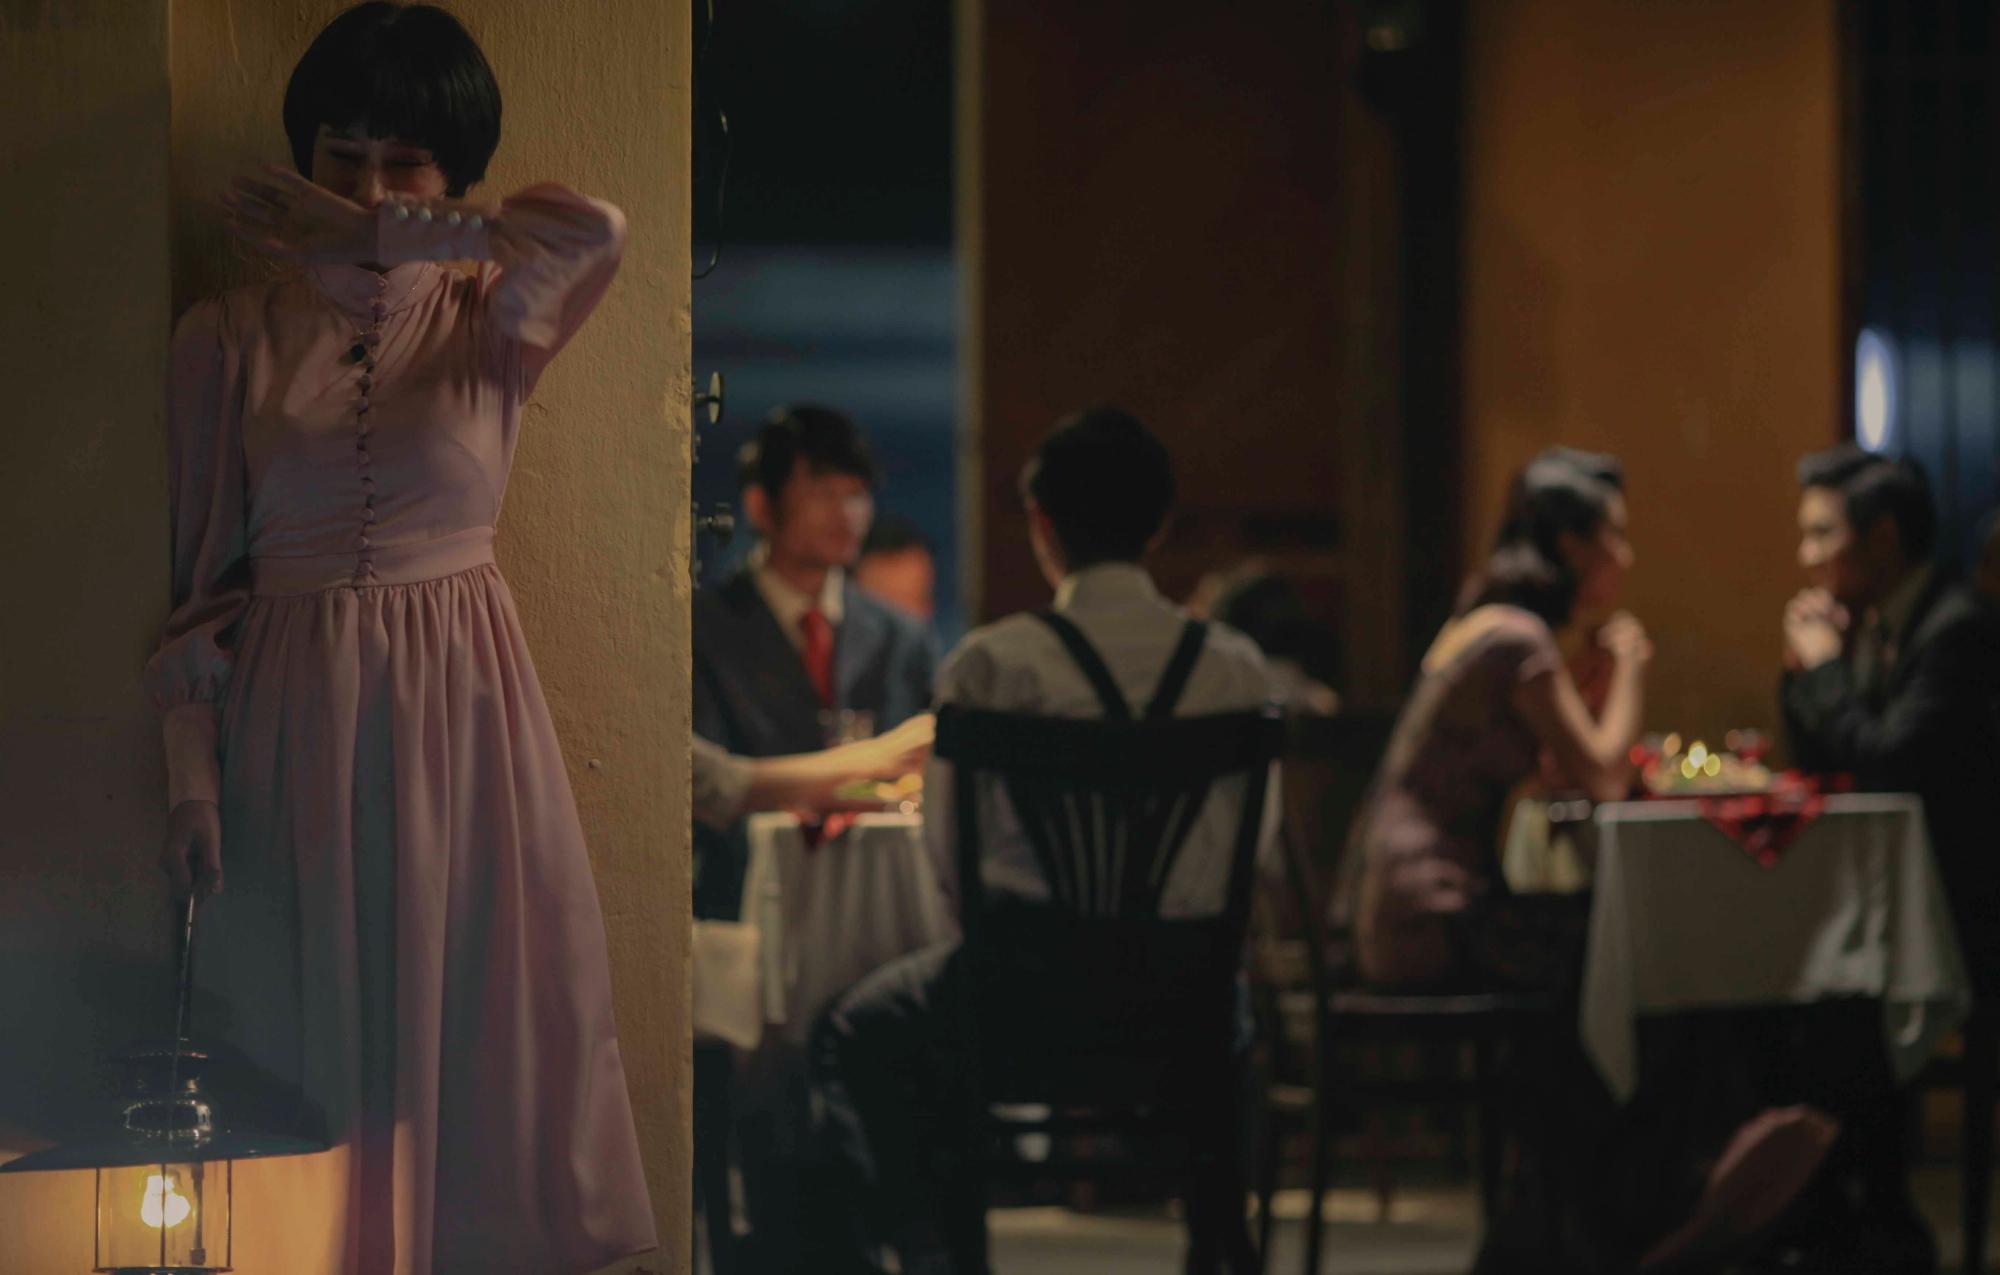 MV hoành tráng nhất của Hiền Hồ: Tái hiện Đà Lạt xưa choáng ngợp, nổi da gà trước kỹ xảo như thật